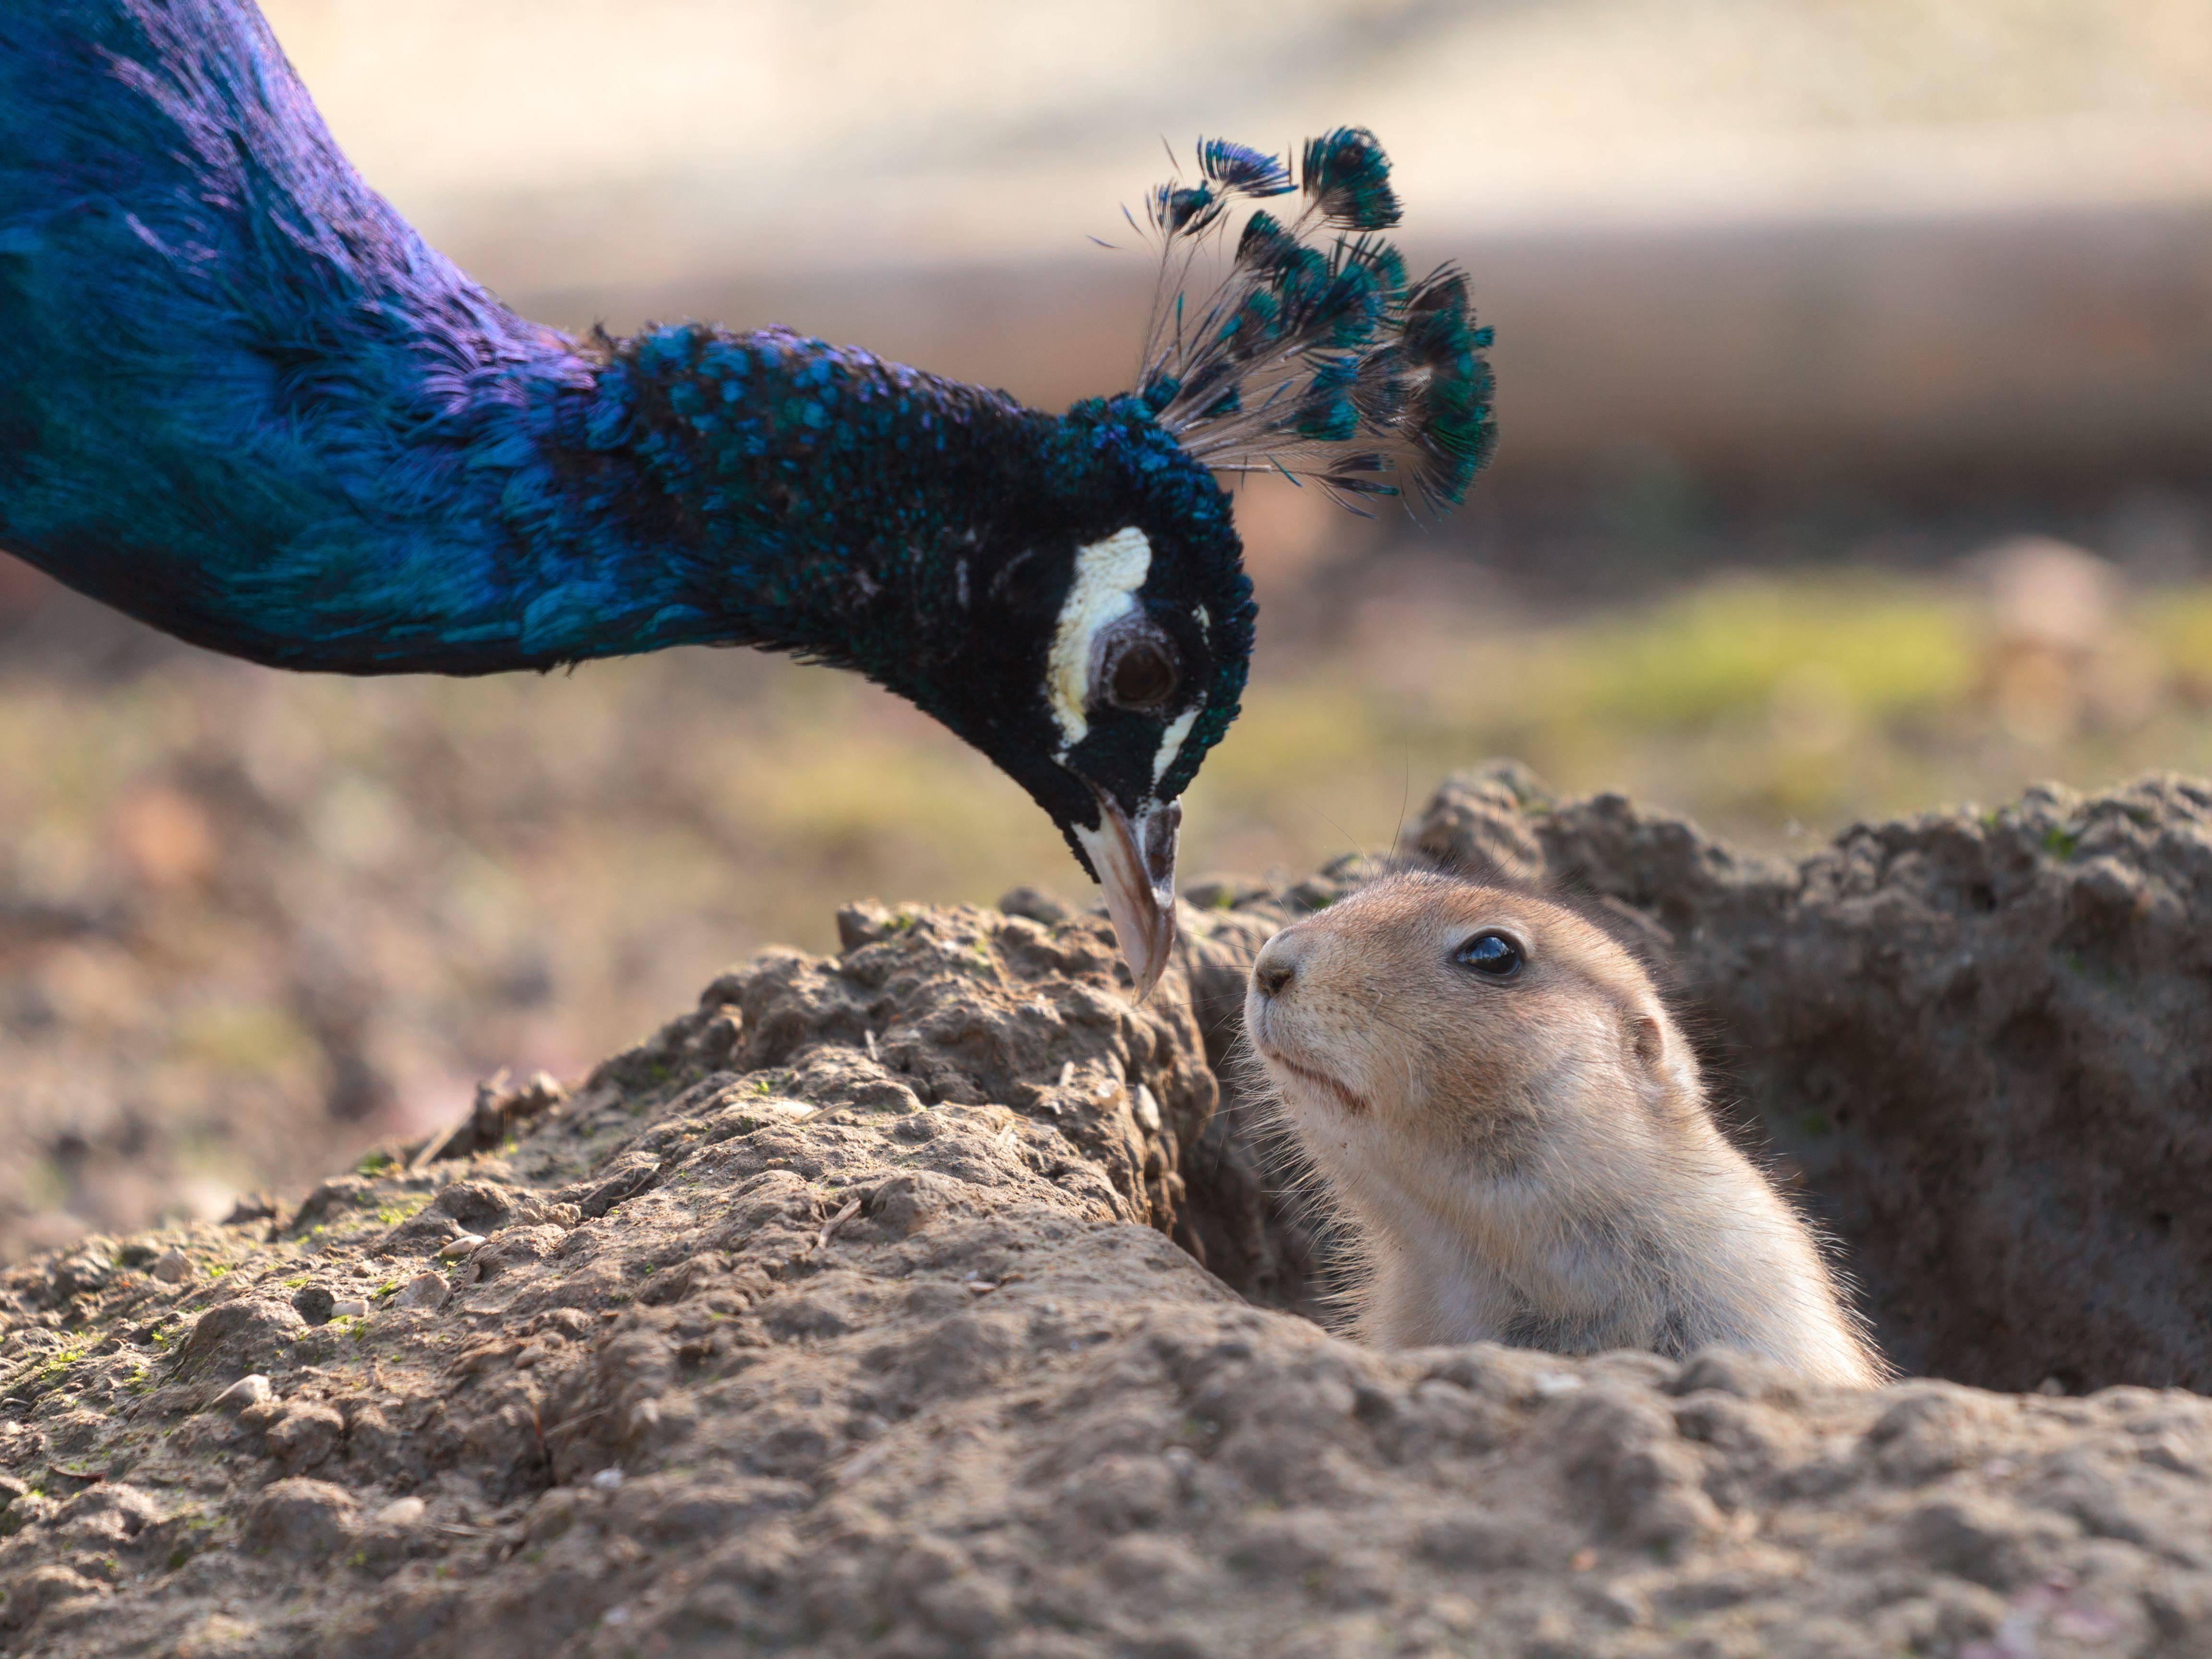 """Besuch für Präriehunde:""""Huch der ist ja bunt!"""" — Bild: Shutterstock / Tomislav Pinter"""